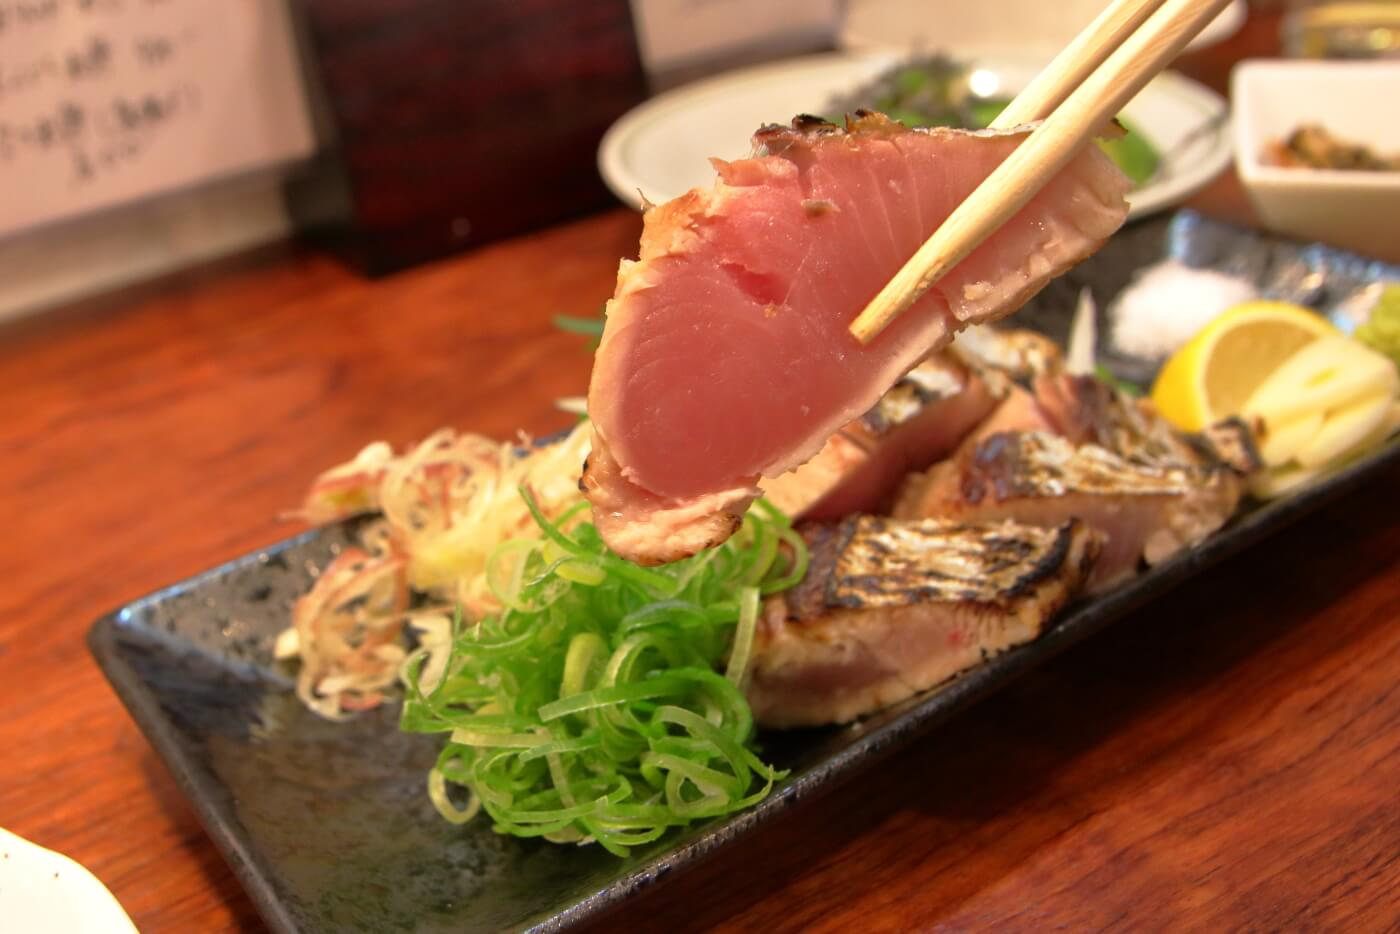 リニューアルオープンした高知市の居酒屋英屋の料理 カツオのタタキ